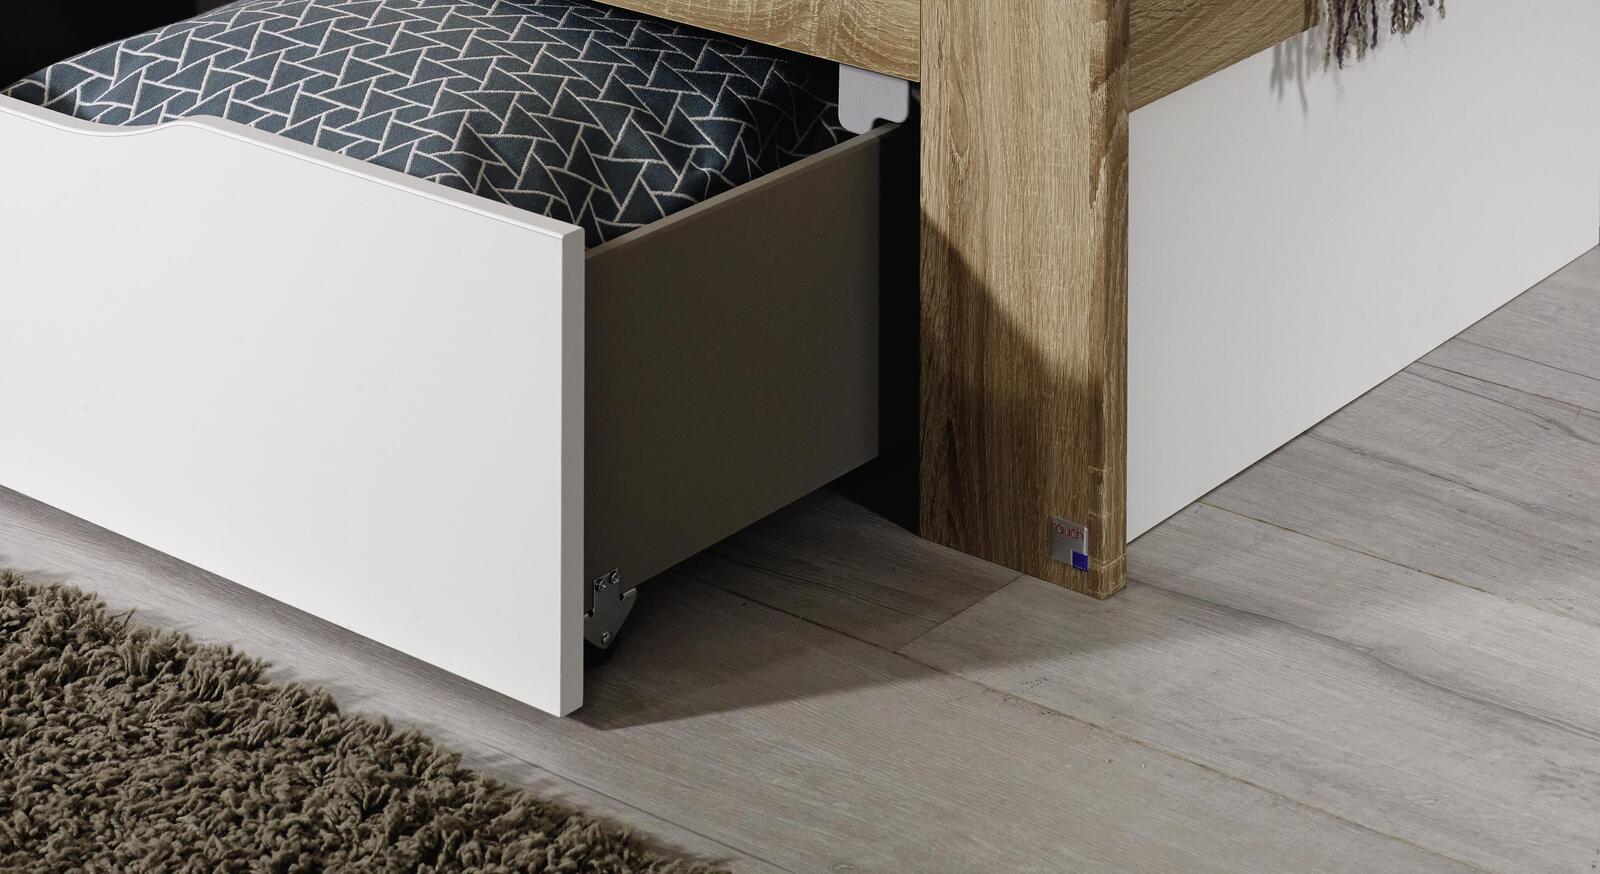 Schubkastenbett Oliana mit praktischem Stauraum